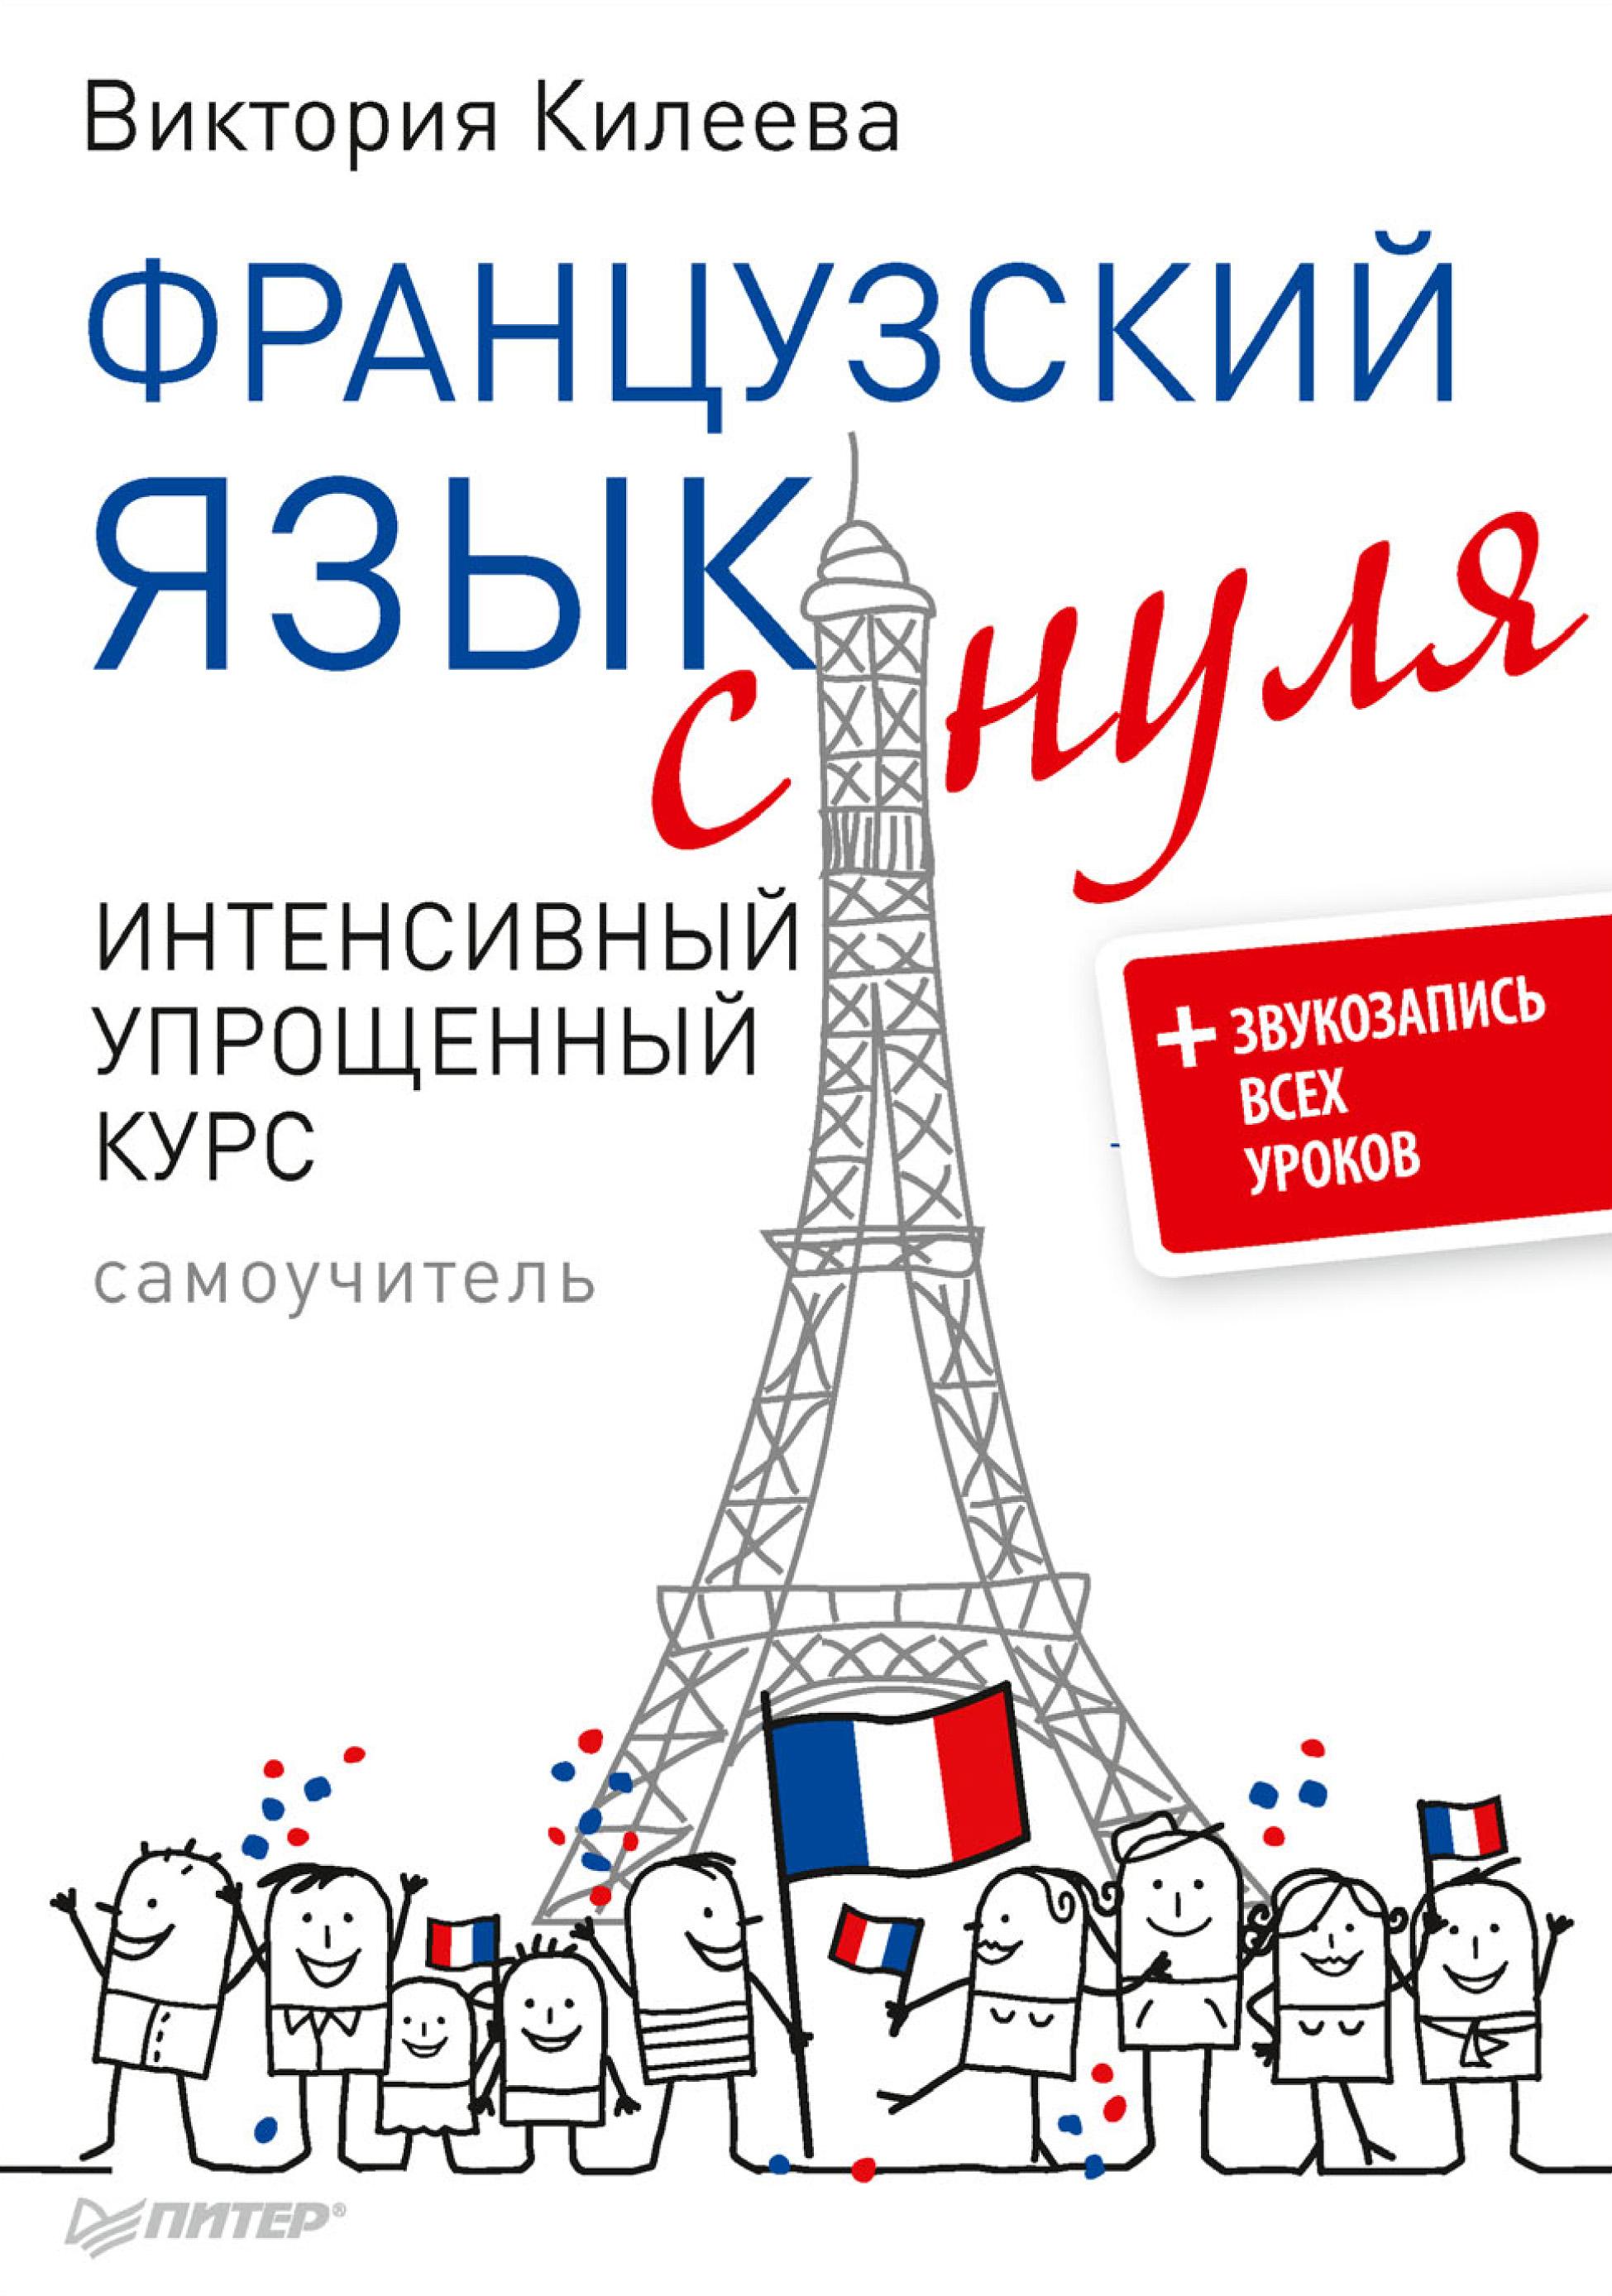 Виктория Килеева Французский язык с нуля. Интенсивный упрощенный курс. Самоучитель (+ звукозапись всех уроков)